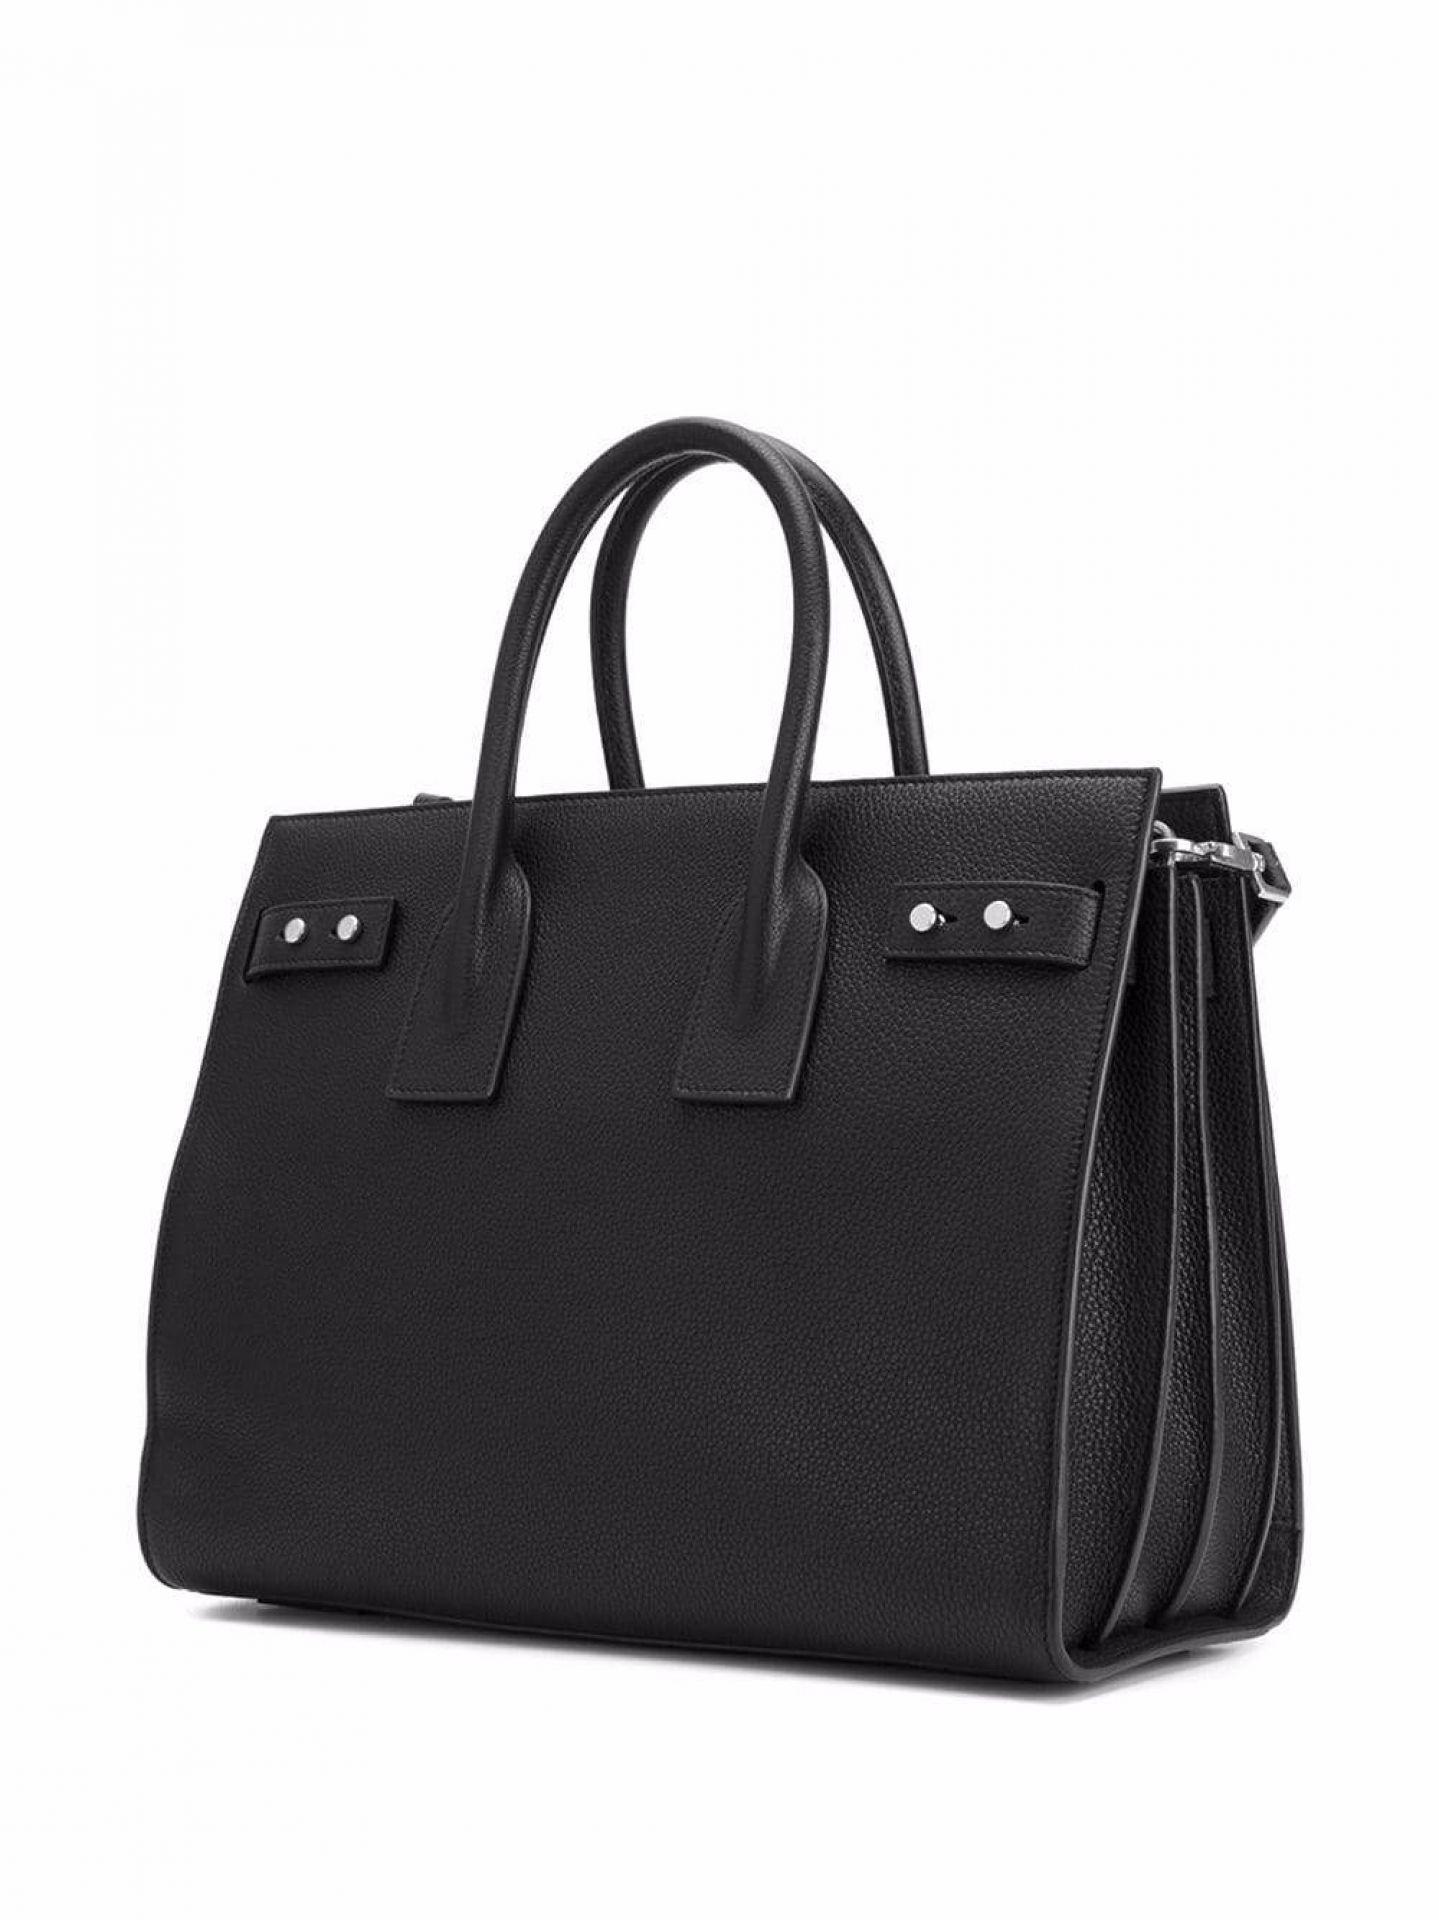 SAINT LAURENT WOMENS SMOOTH BLACK LEATHER SAC DE JOUR TOTE SHOULDER BAG